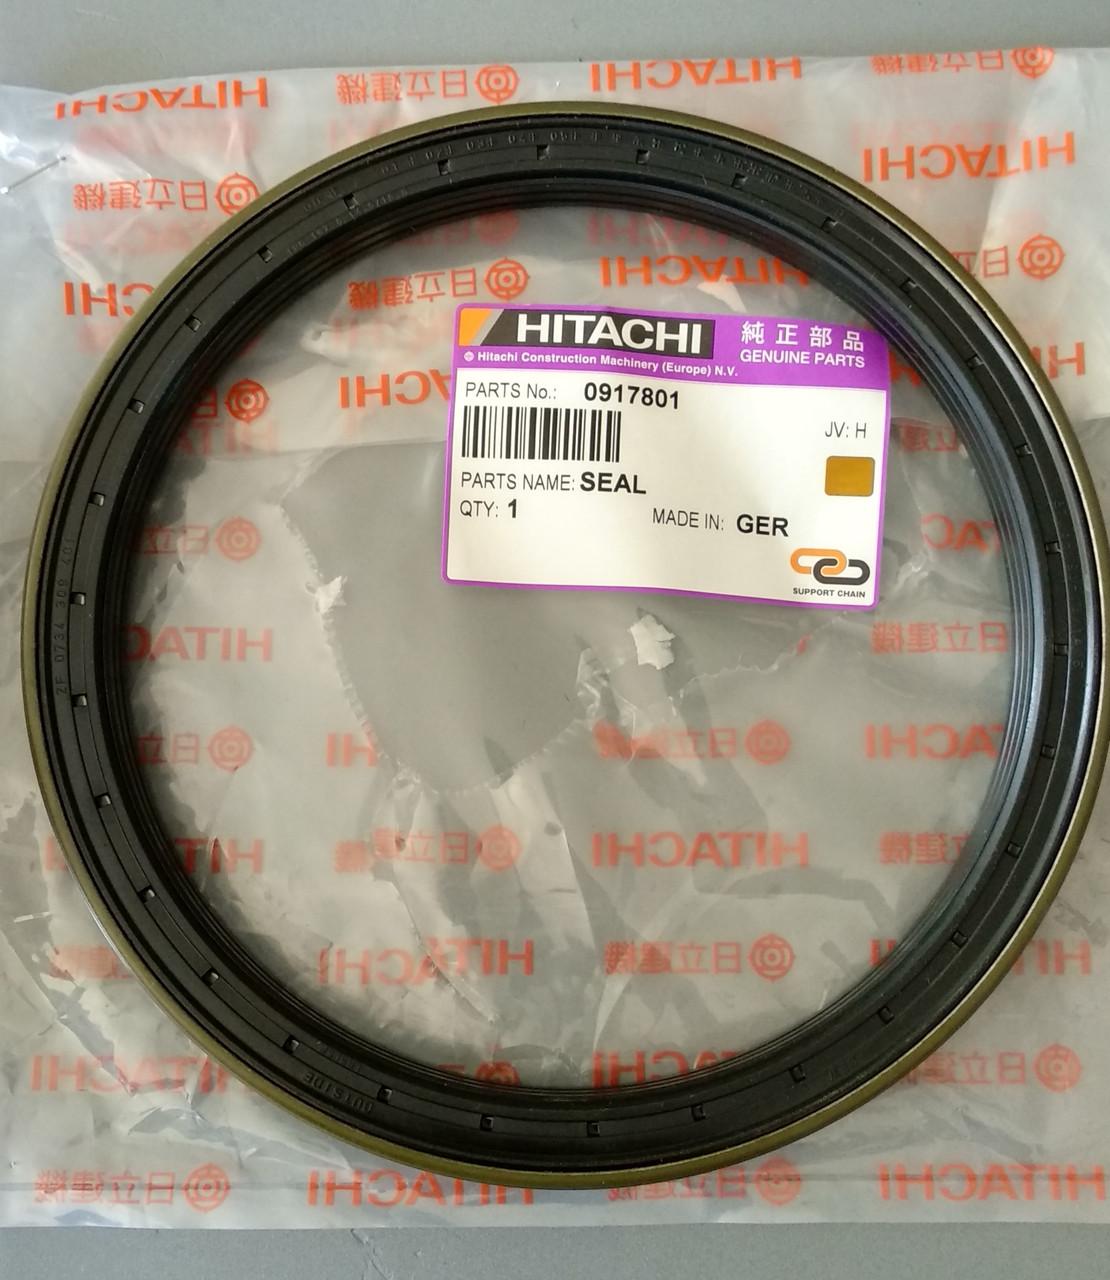 0917801 Сальник ступицы переднего моста экскаватора Hitachi (seal oil)